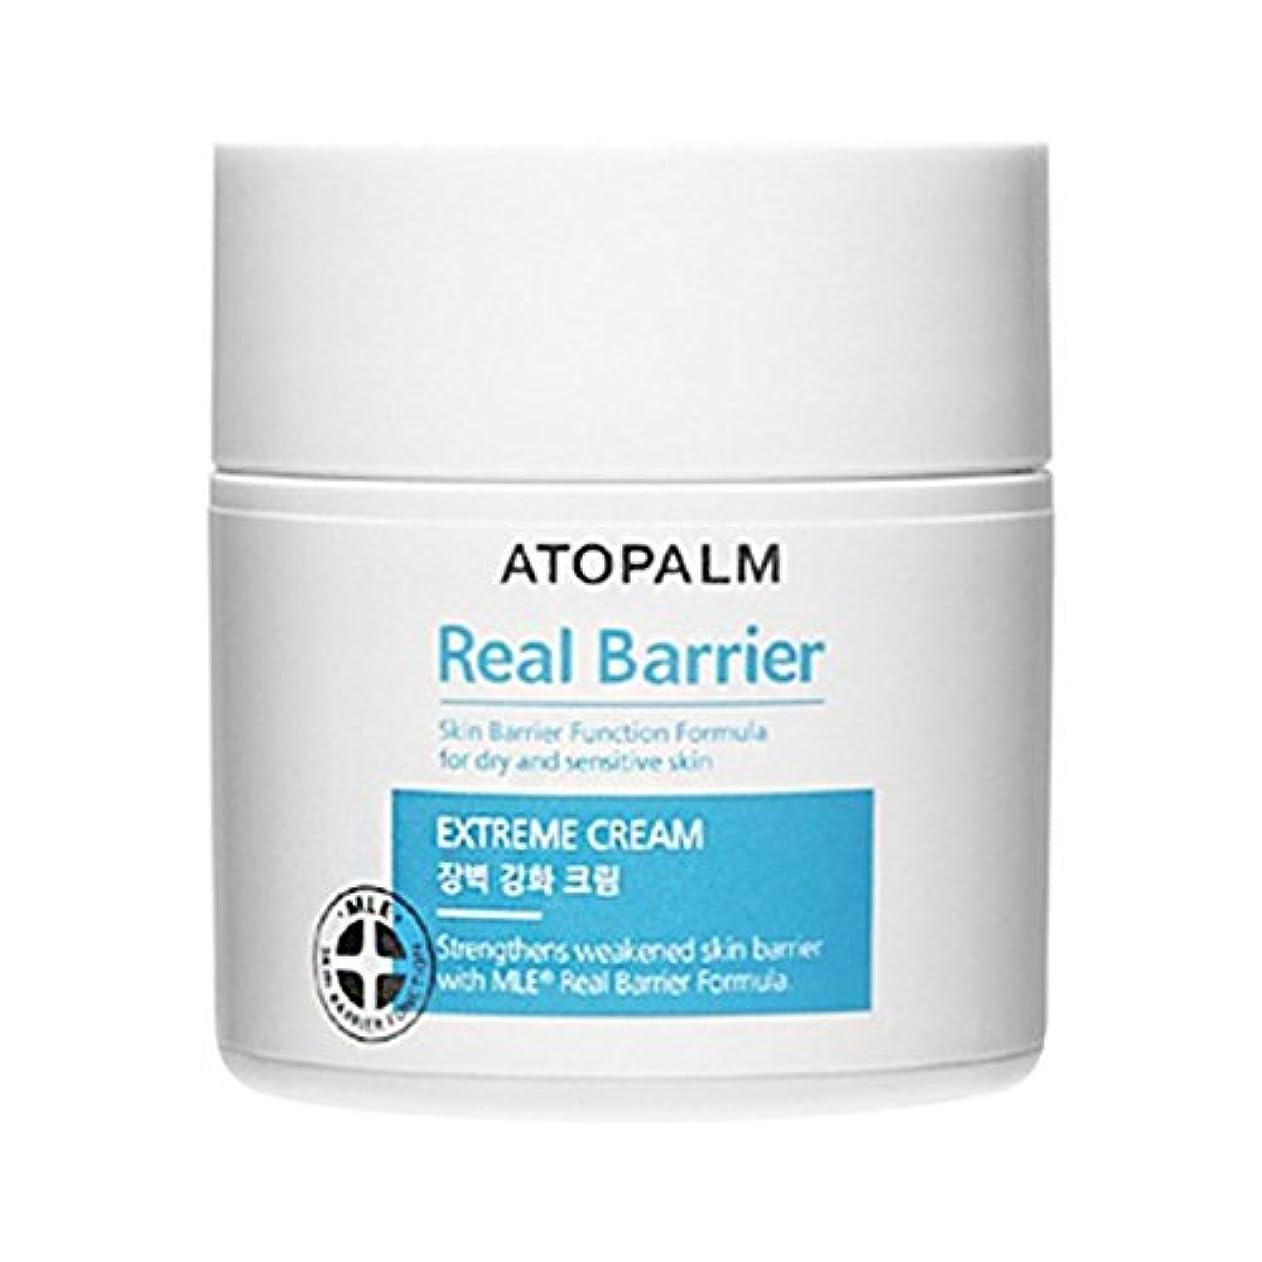 一般的に反響する亡命アトファムリアルバリア?エクストリームクリーム50ml、韓国化粧品 ATOPALM Real Barrier Extream Cream 50ml, Korean Cosmetics [並行輸入品]